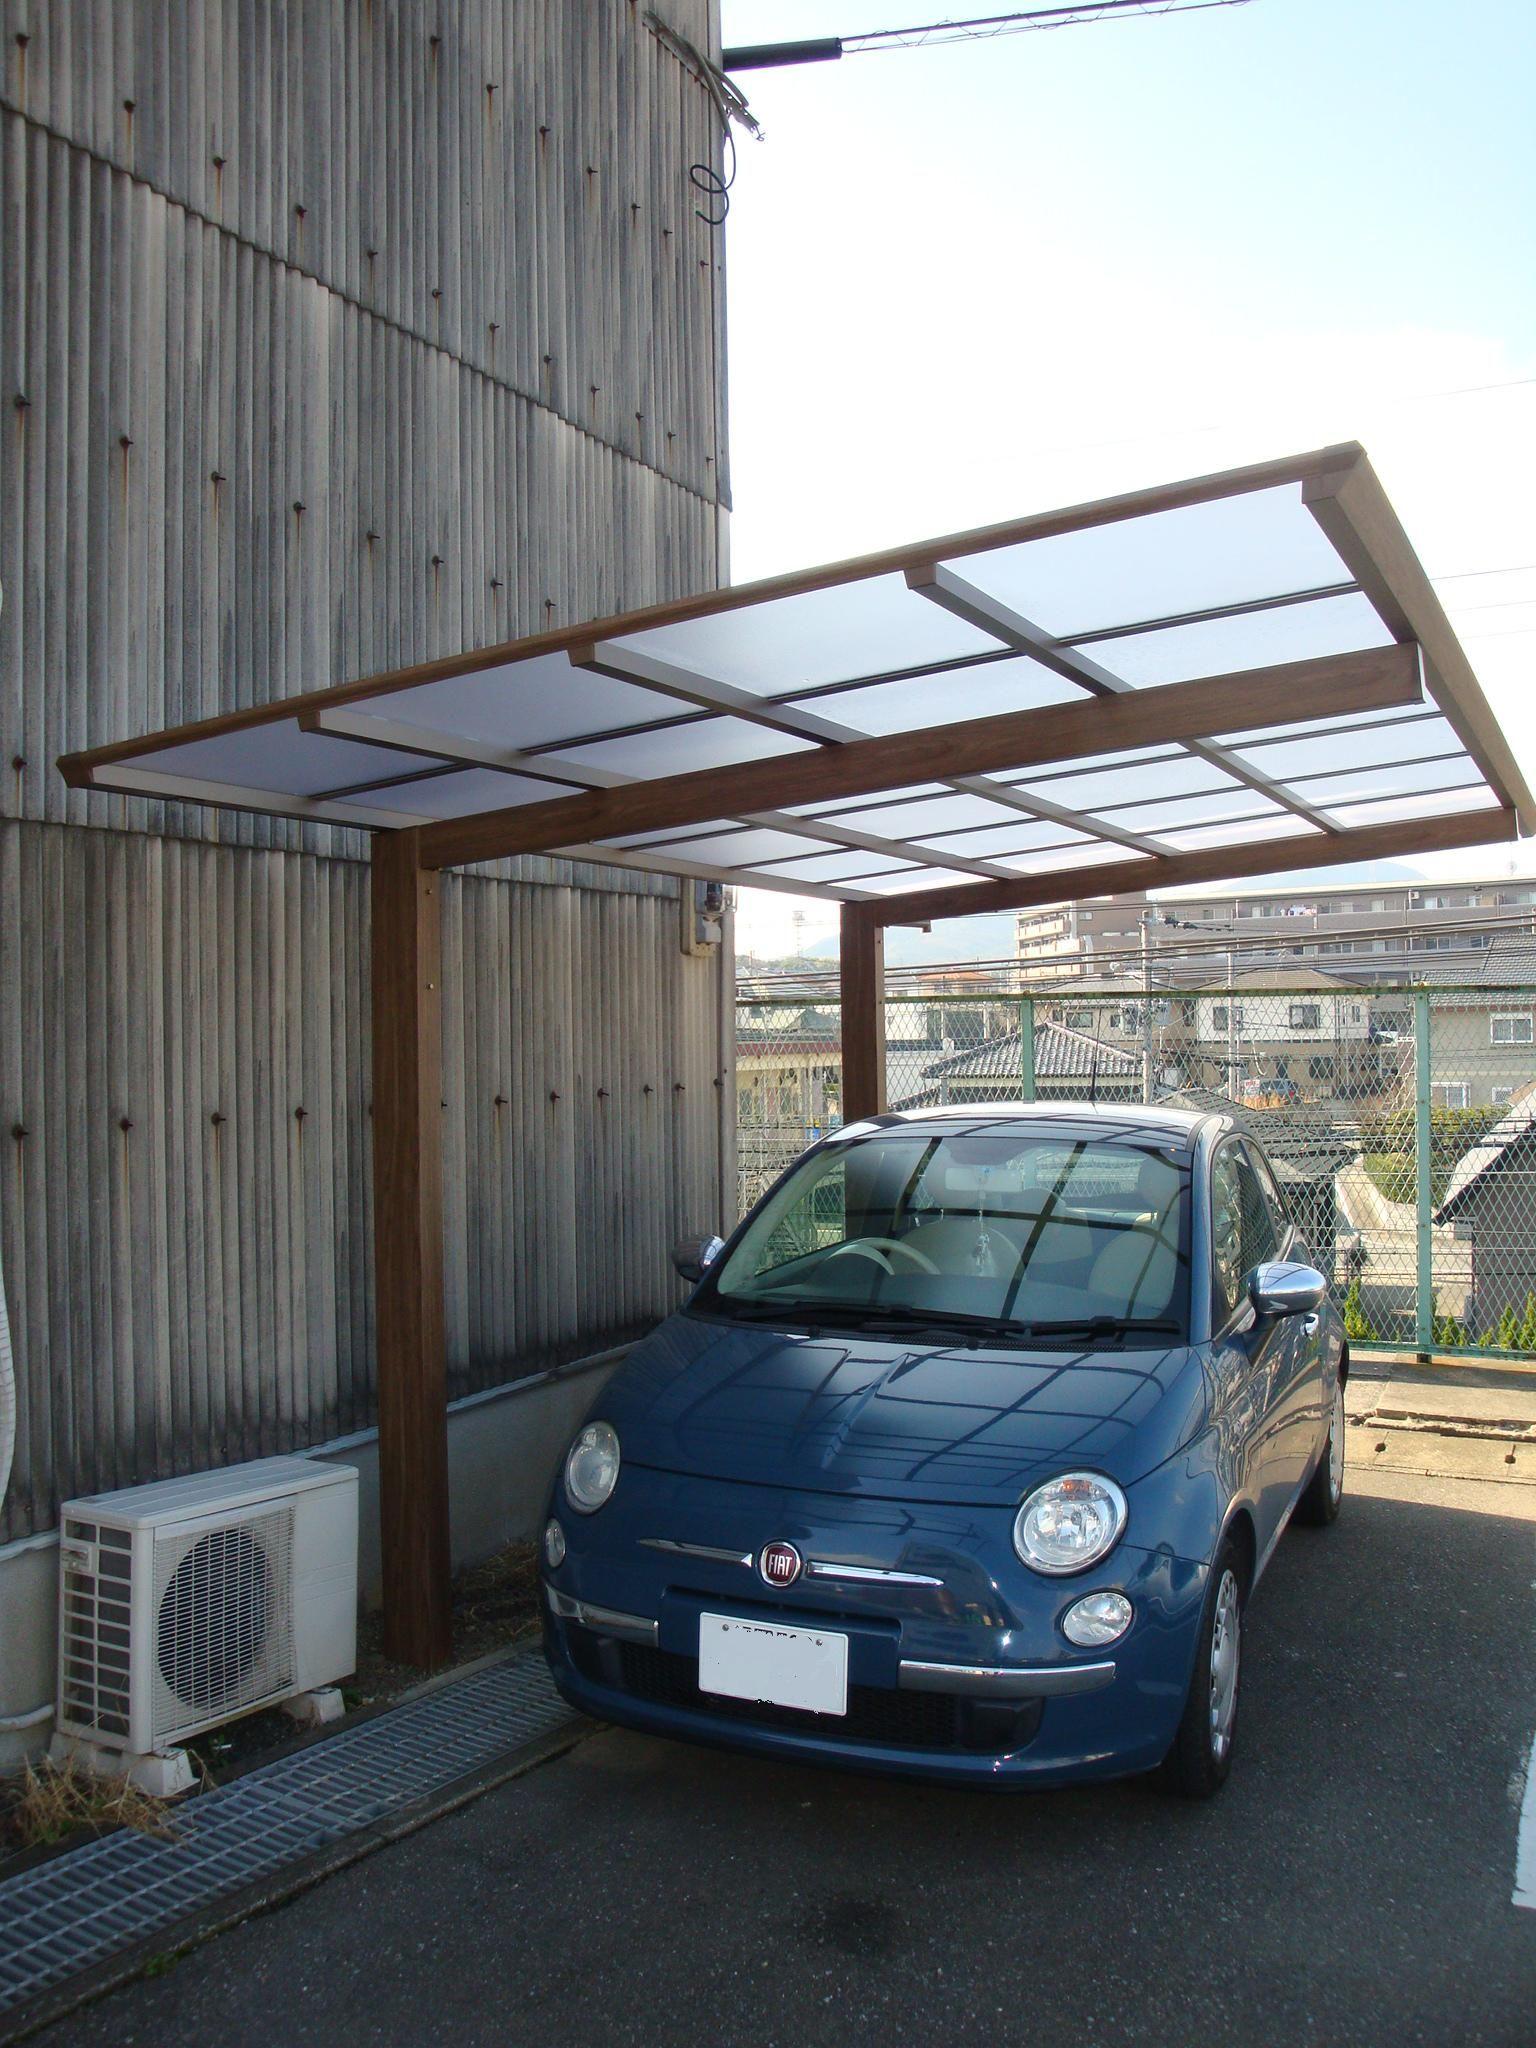 Luxury Pergola Carport With Aluminum Structure Buy Carport